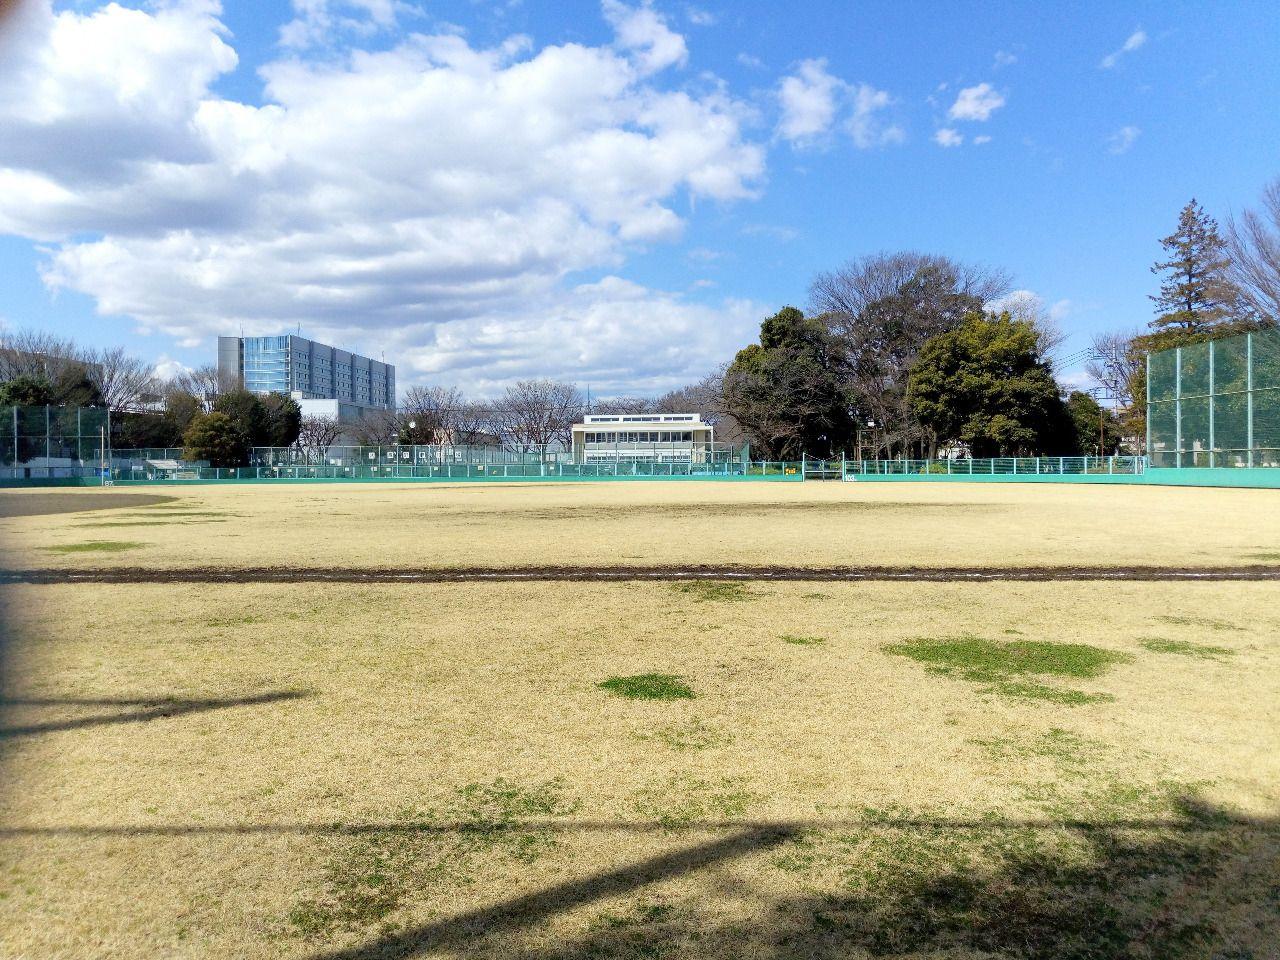 武蔵野市役所隣の野球場は広く明るい